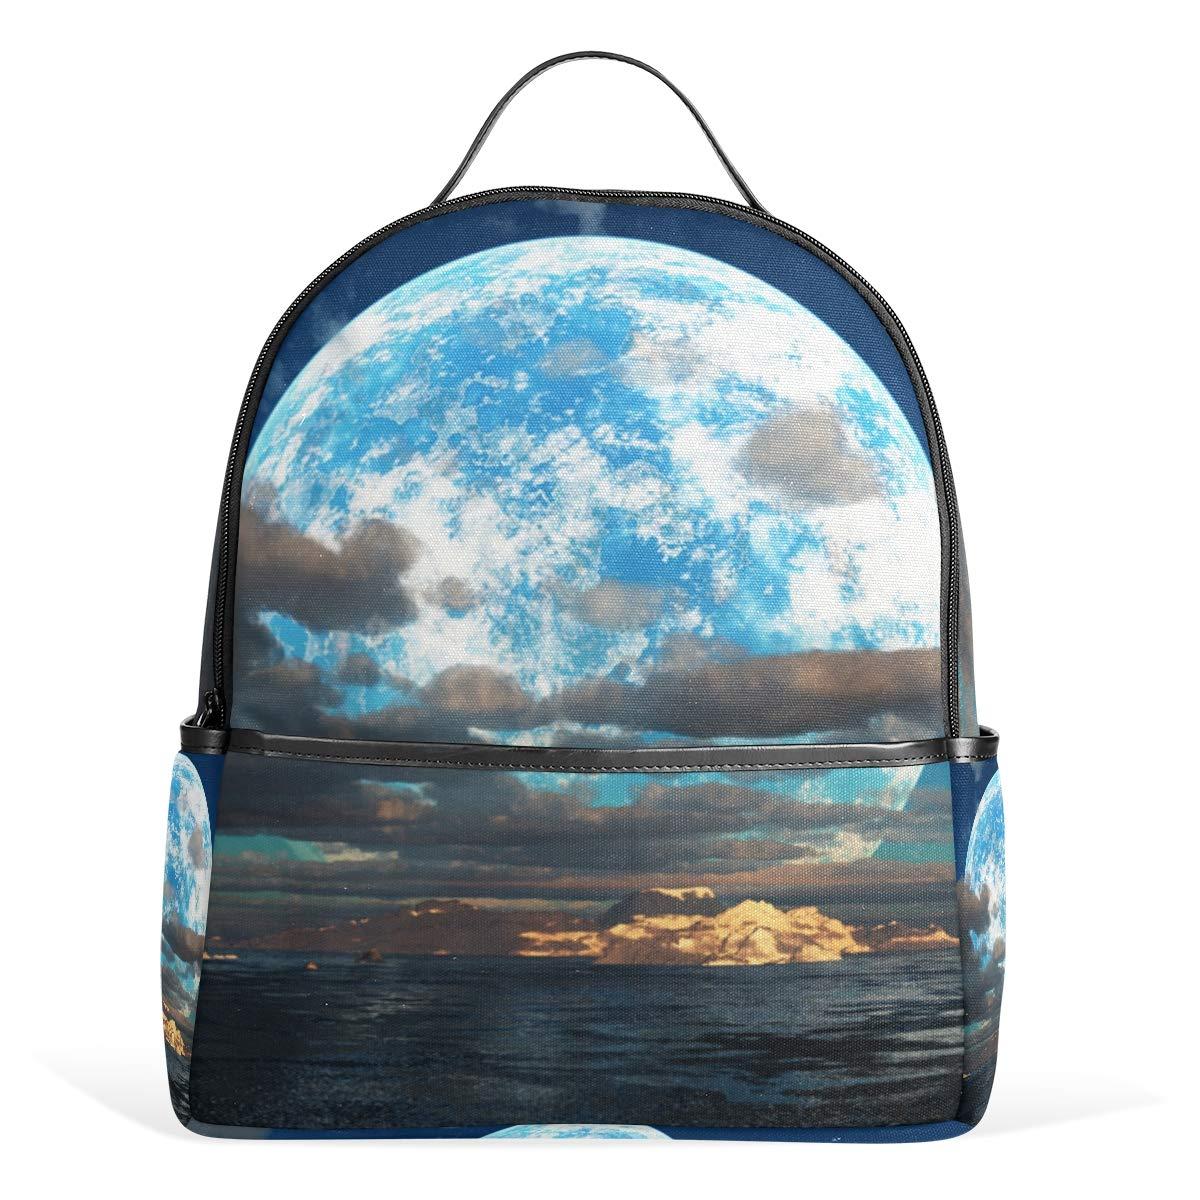 スクールバックパック アーティスティックムーン旅行バッグ ティーンエイジャーボーイズガールズ用   B07G9WDJ33